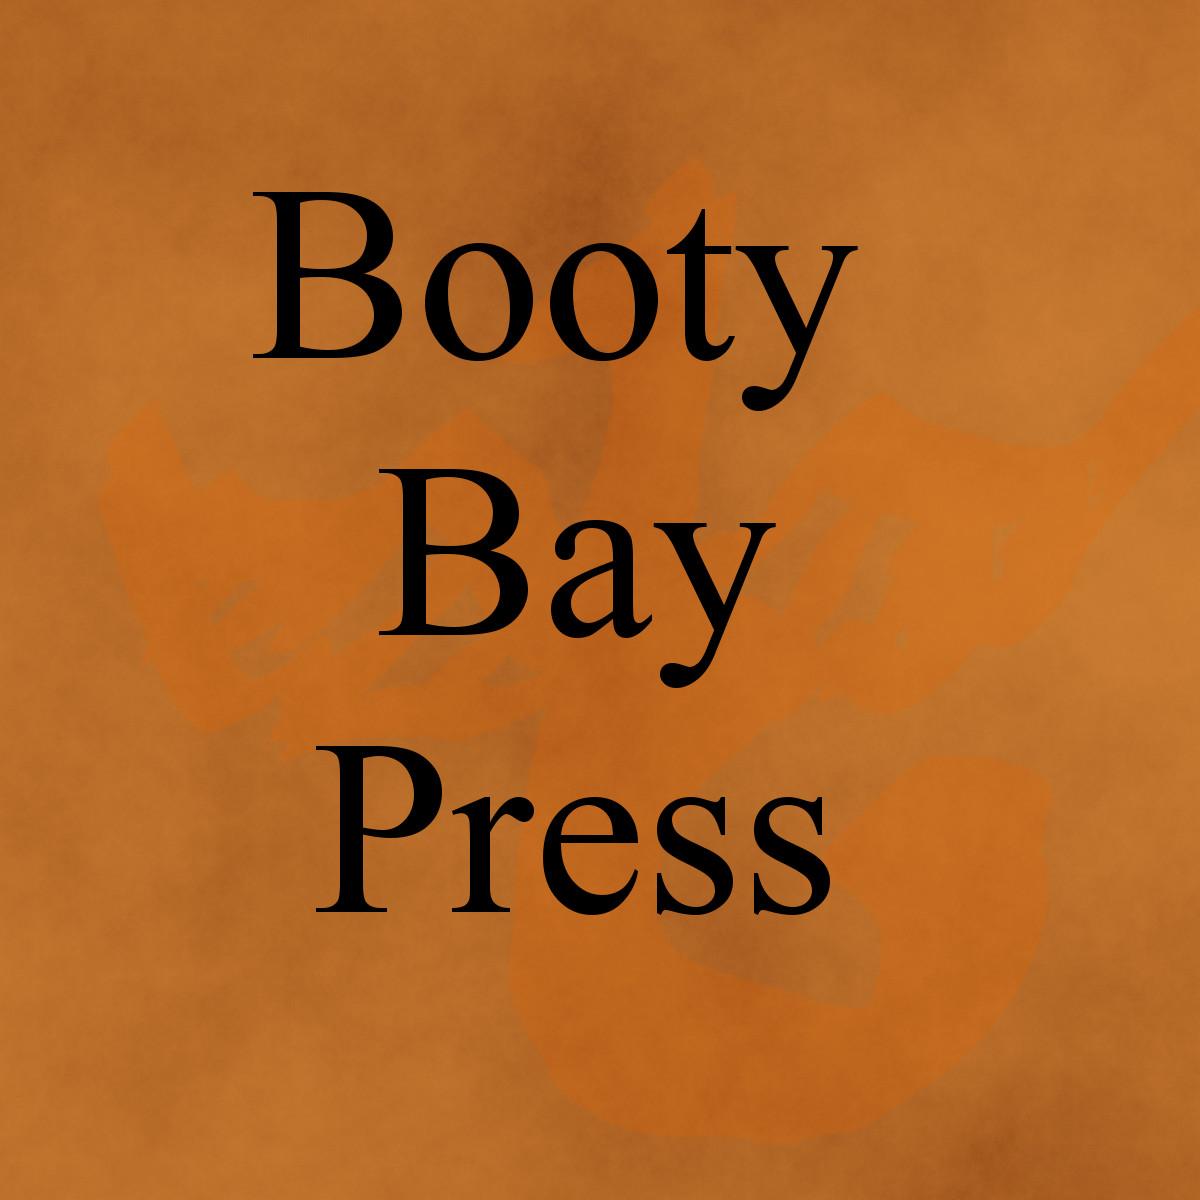 Booty Bay Press